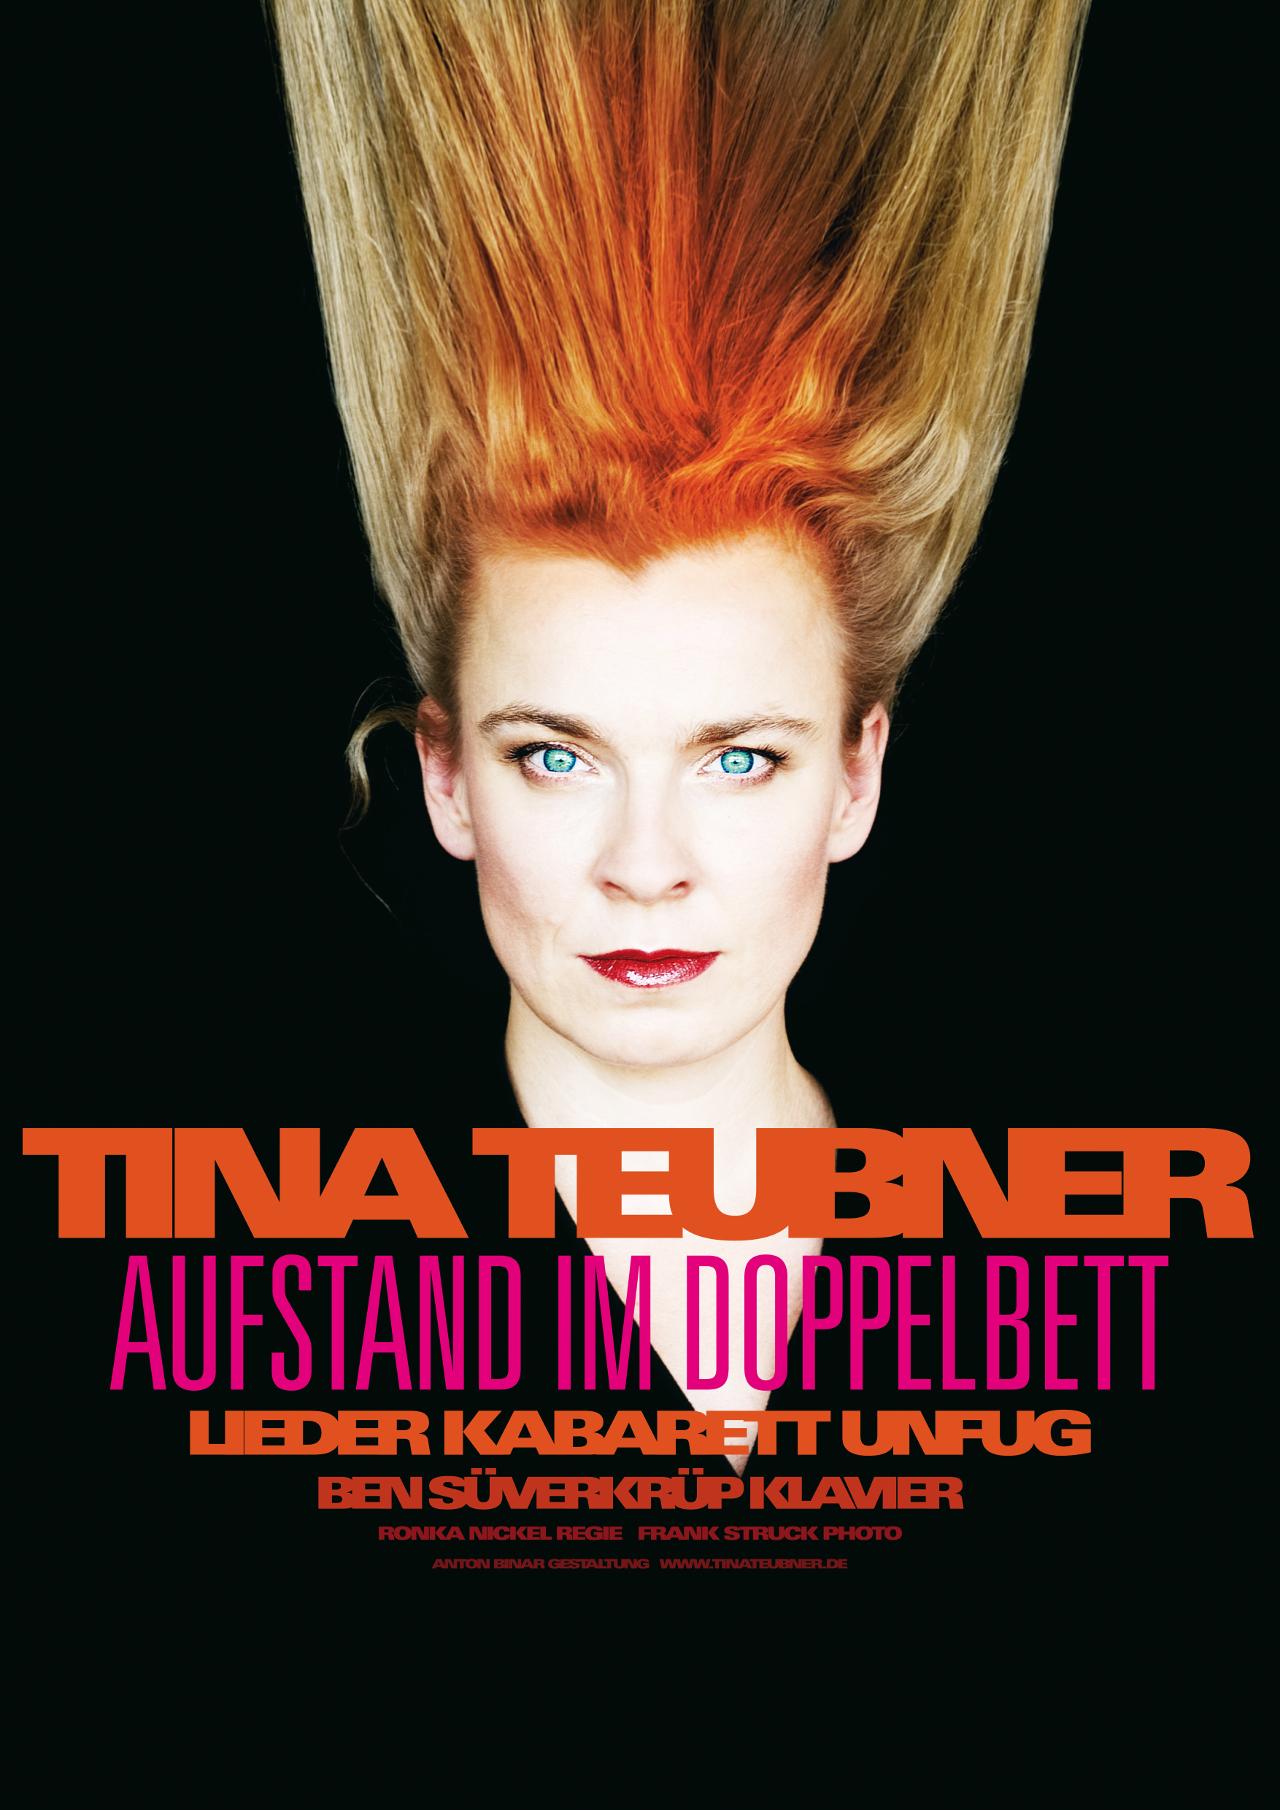 Tina Teubner Aufstand im Doppelbett 2 2014 www.jpg